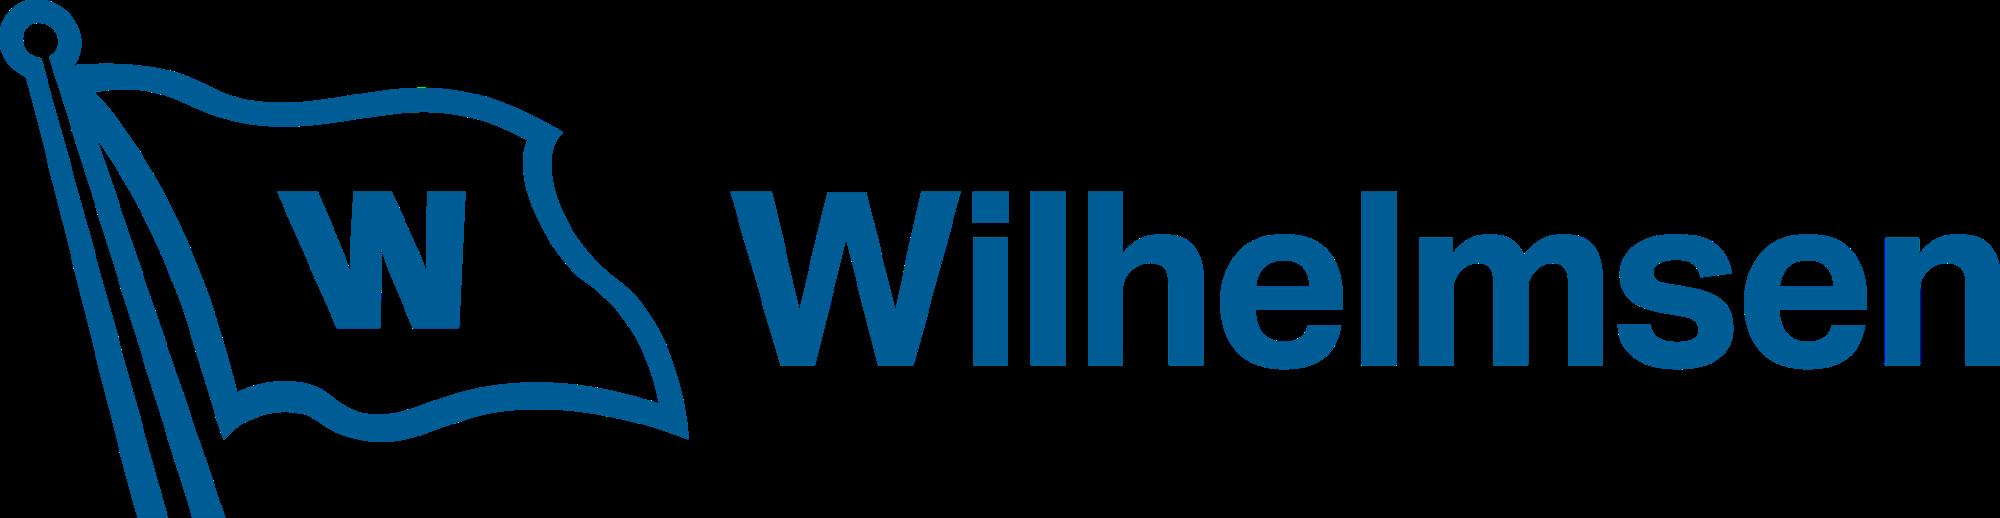 WILHELMSEN SHIPS SERVICE  로고